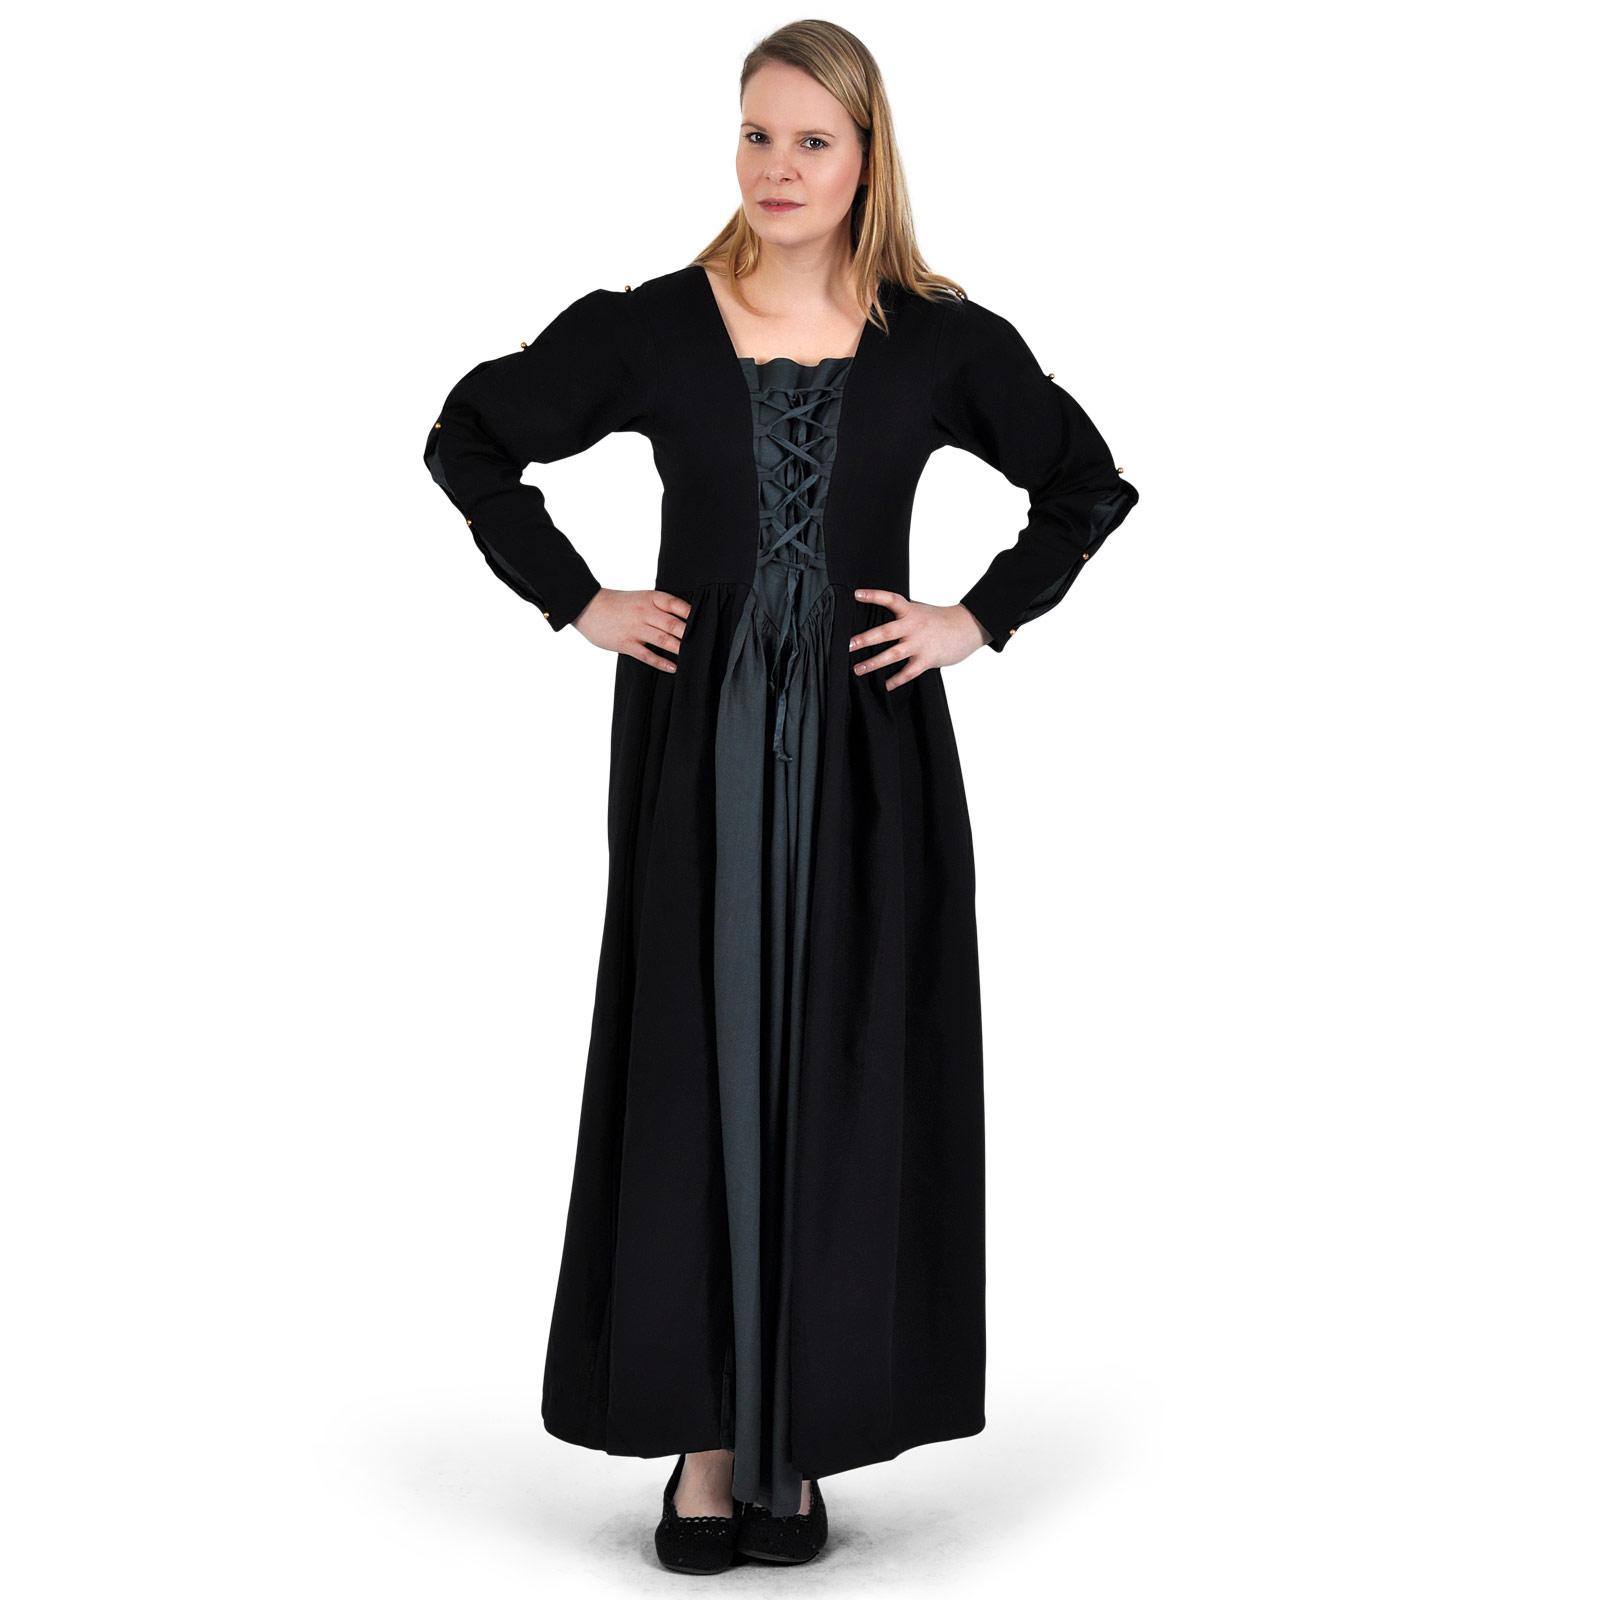 Mittelalter Kleid Orianne schwarz-blaugrau